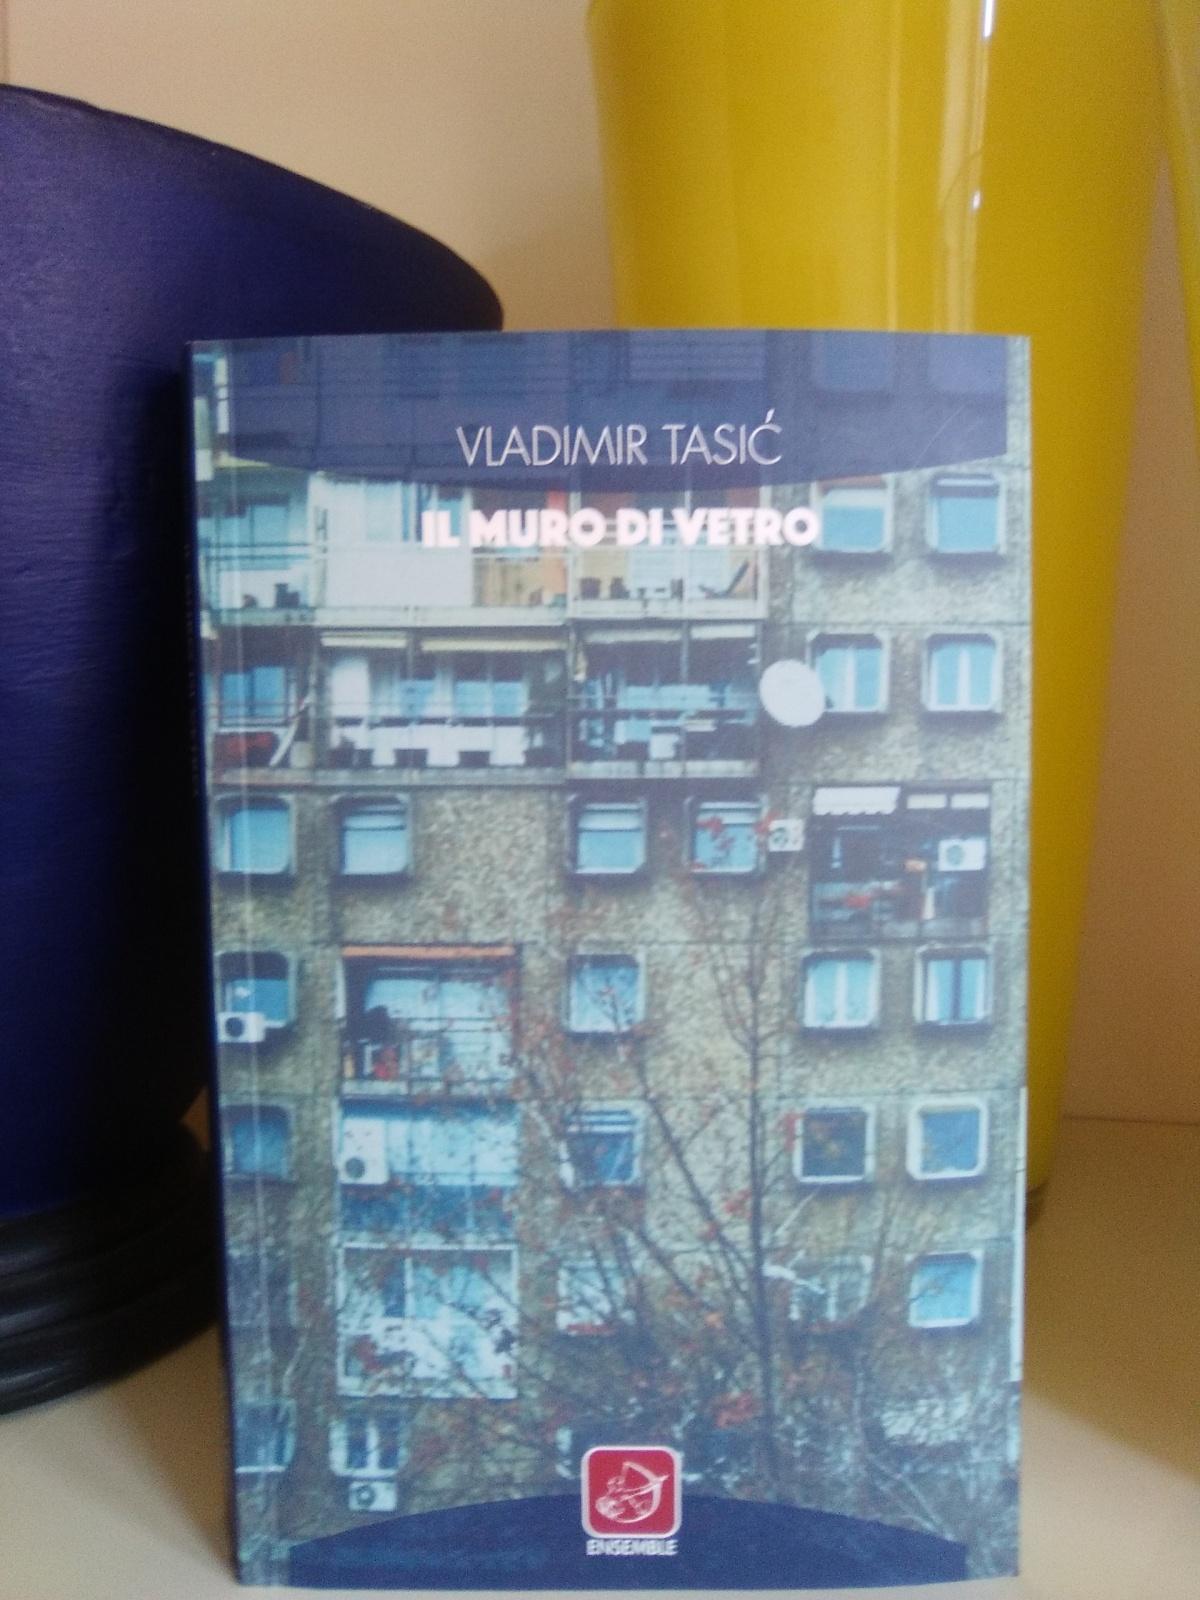 Vladimir Tasić, Il muro di vetro. L'impossibilità di diventareadulti